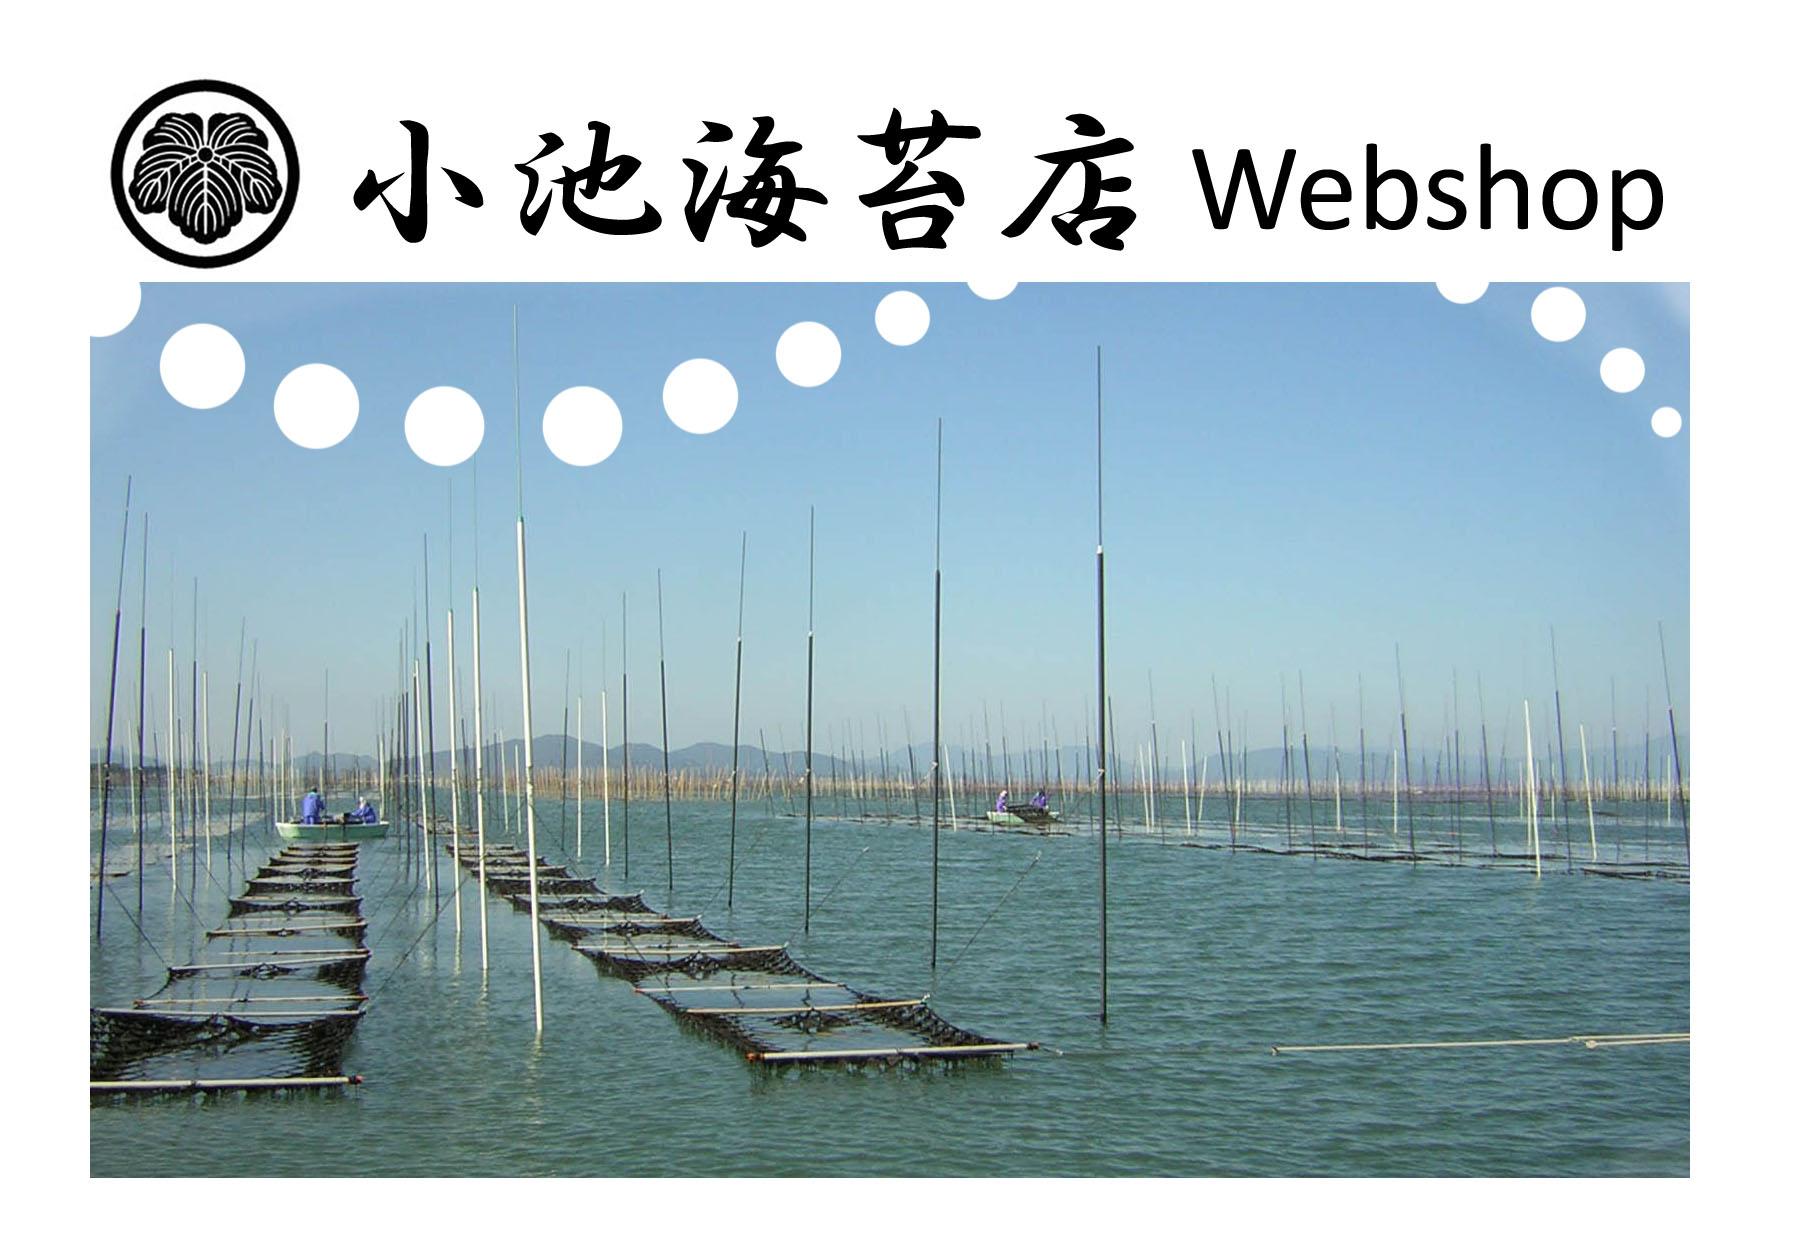 小池海苔店 WebShop